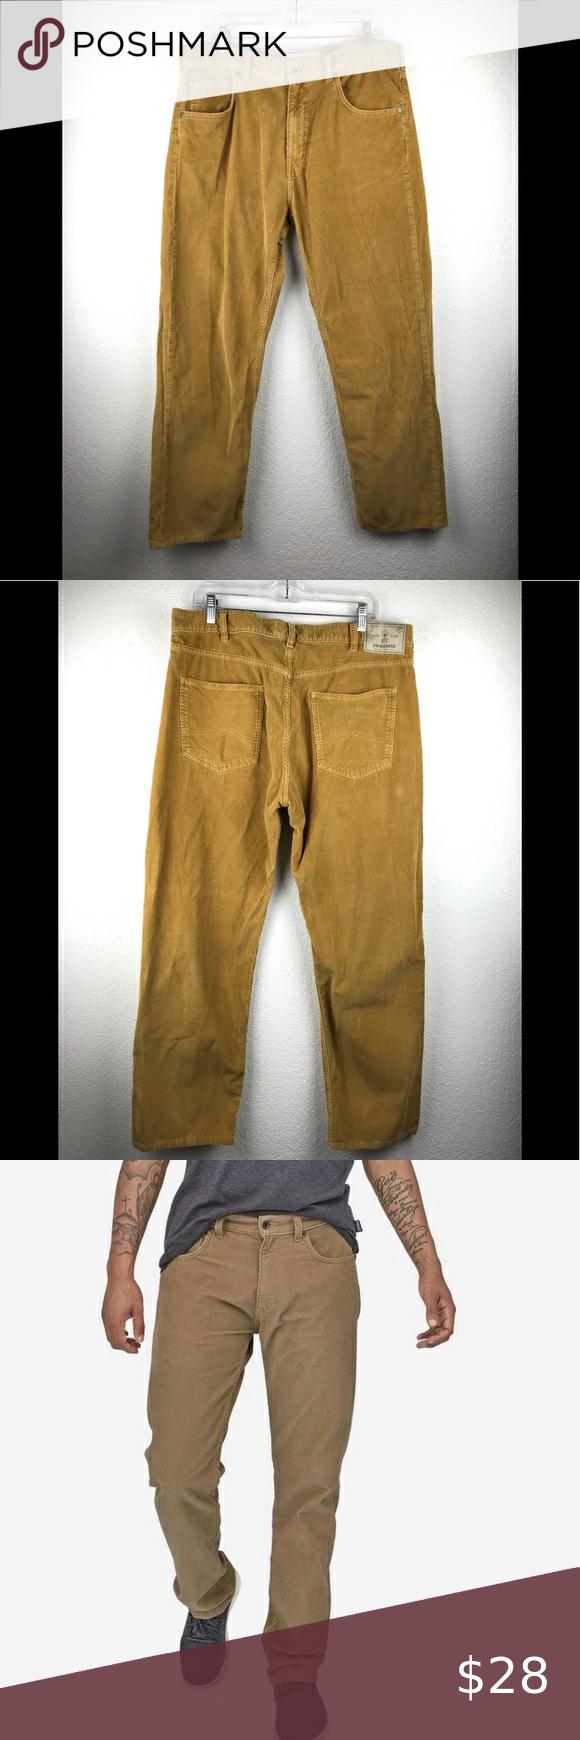 Patagonia Iron Clad Corduroy Men S Pants Pants Corduroy Patagonia Pants